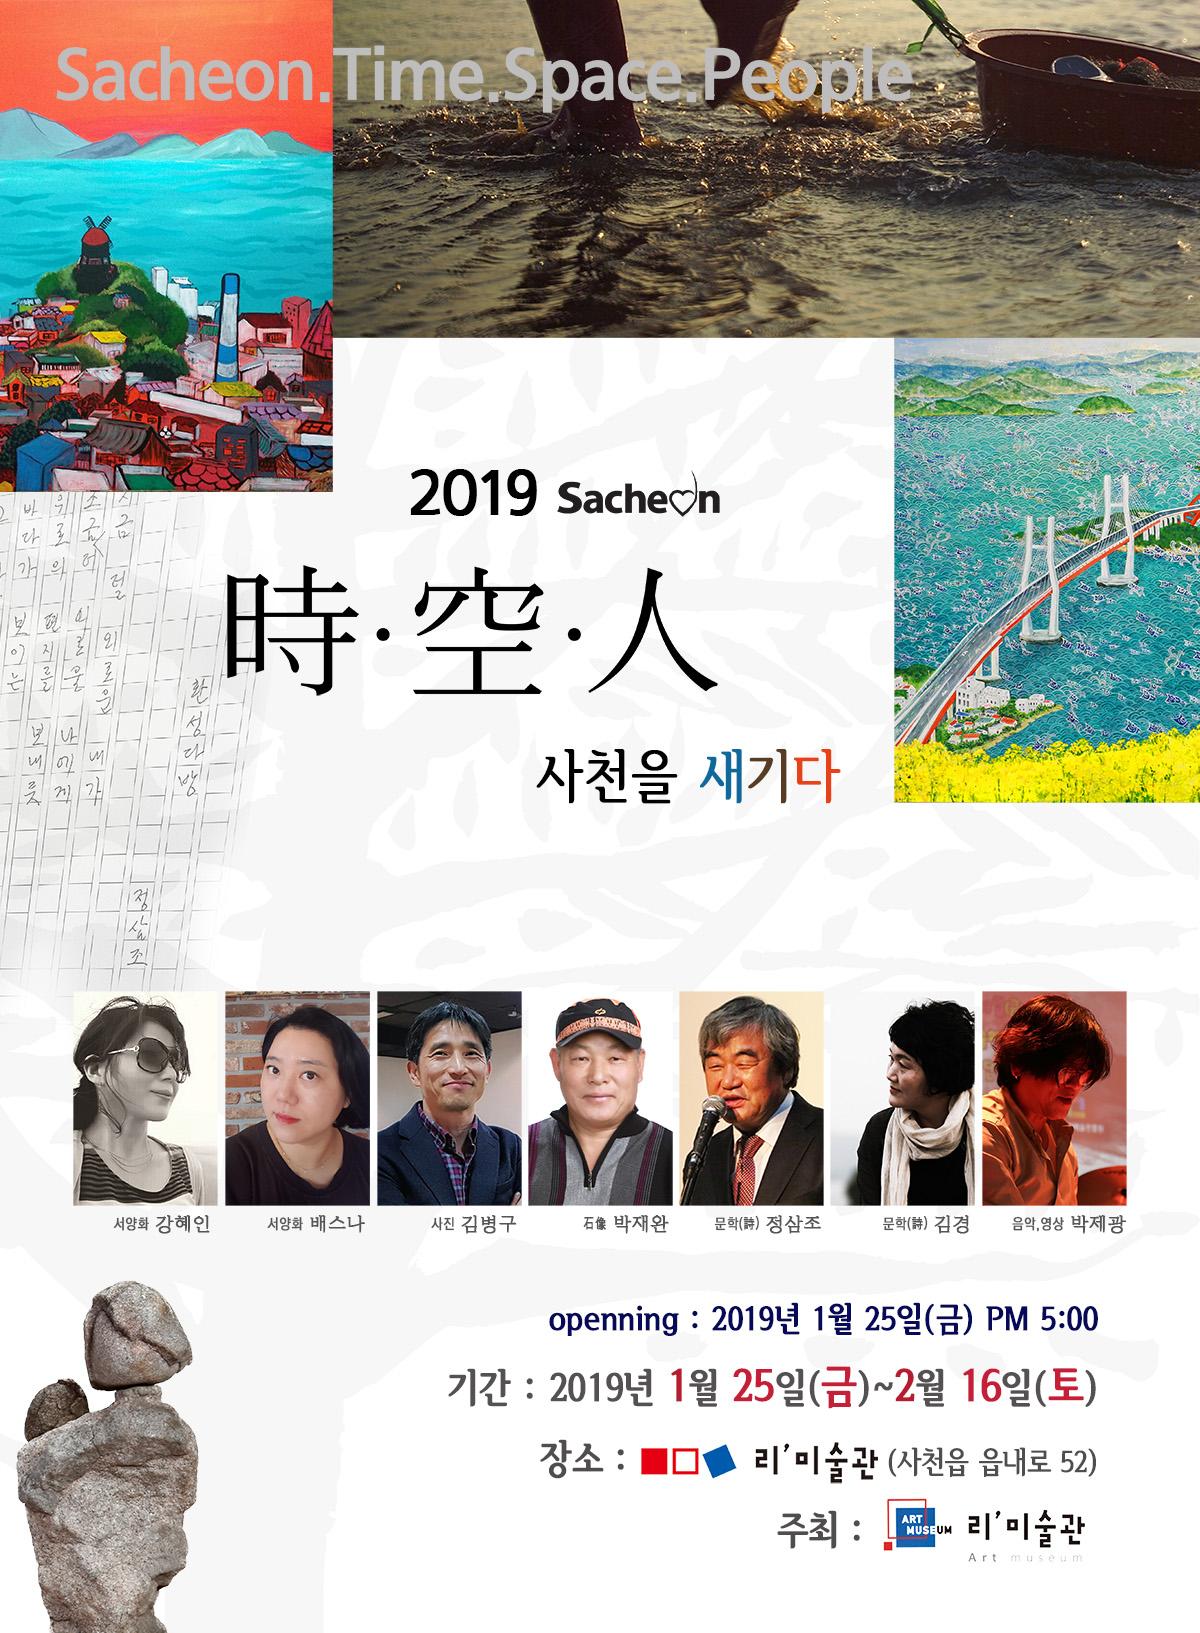 사본 -리미술관 시공인전 포스터.jpg